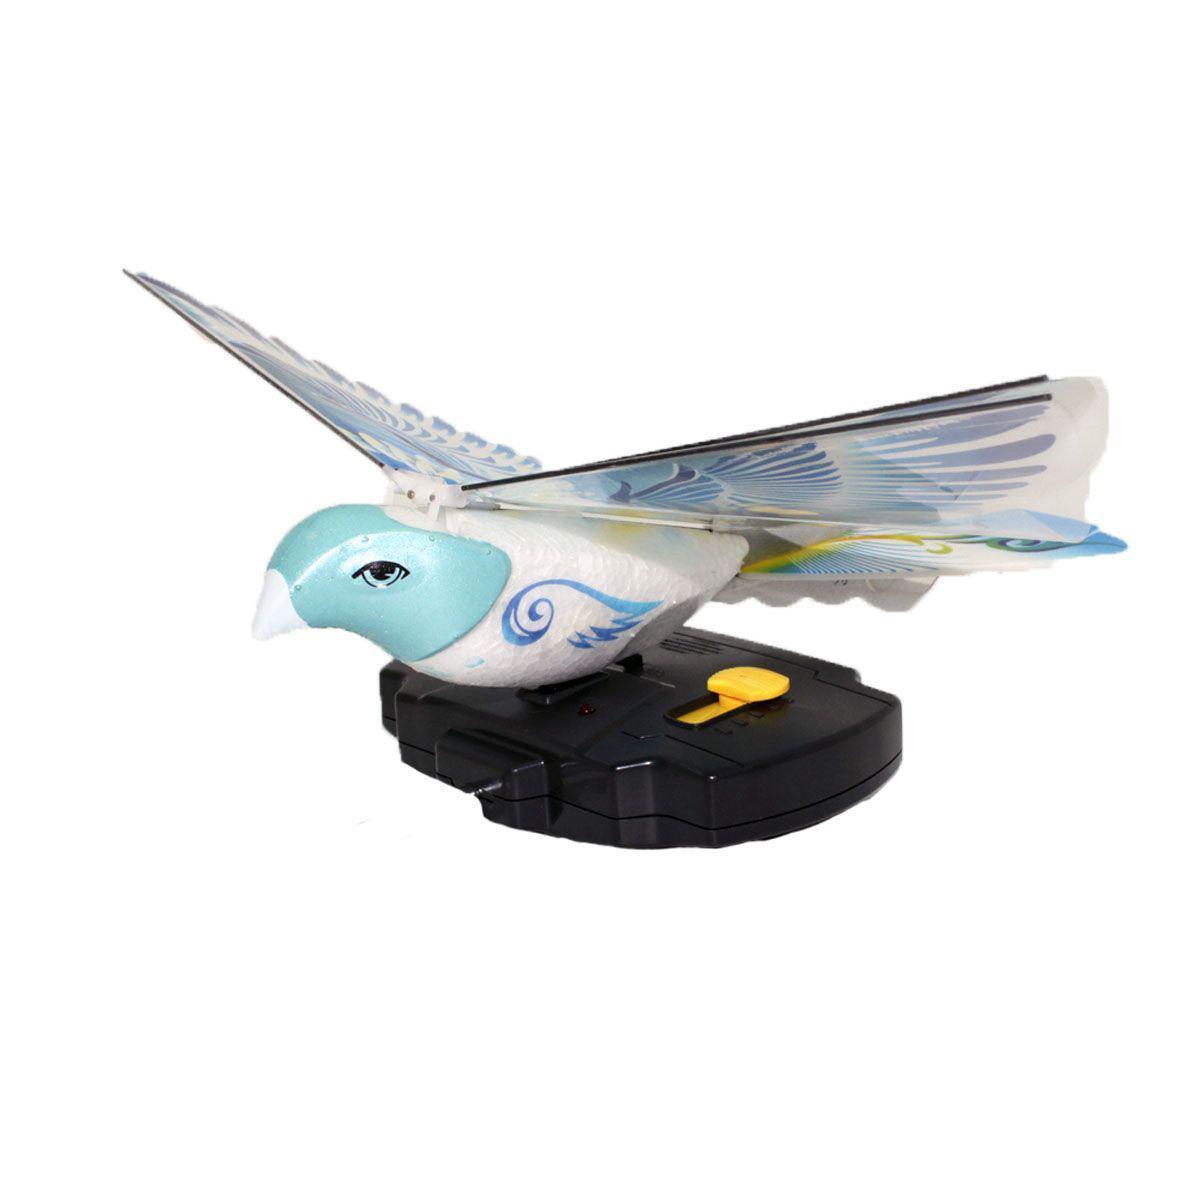 Balbi Игрушка на радиоуправлении Летающая птица цвет голубой